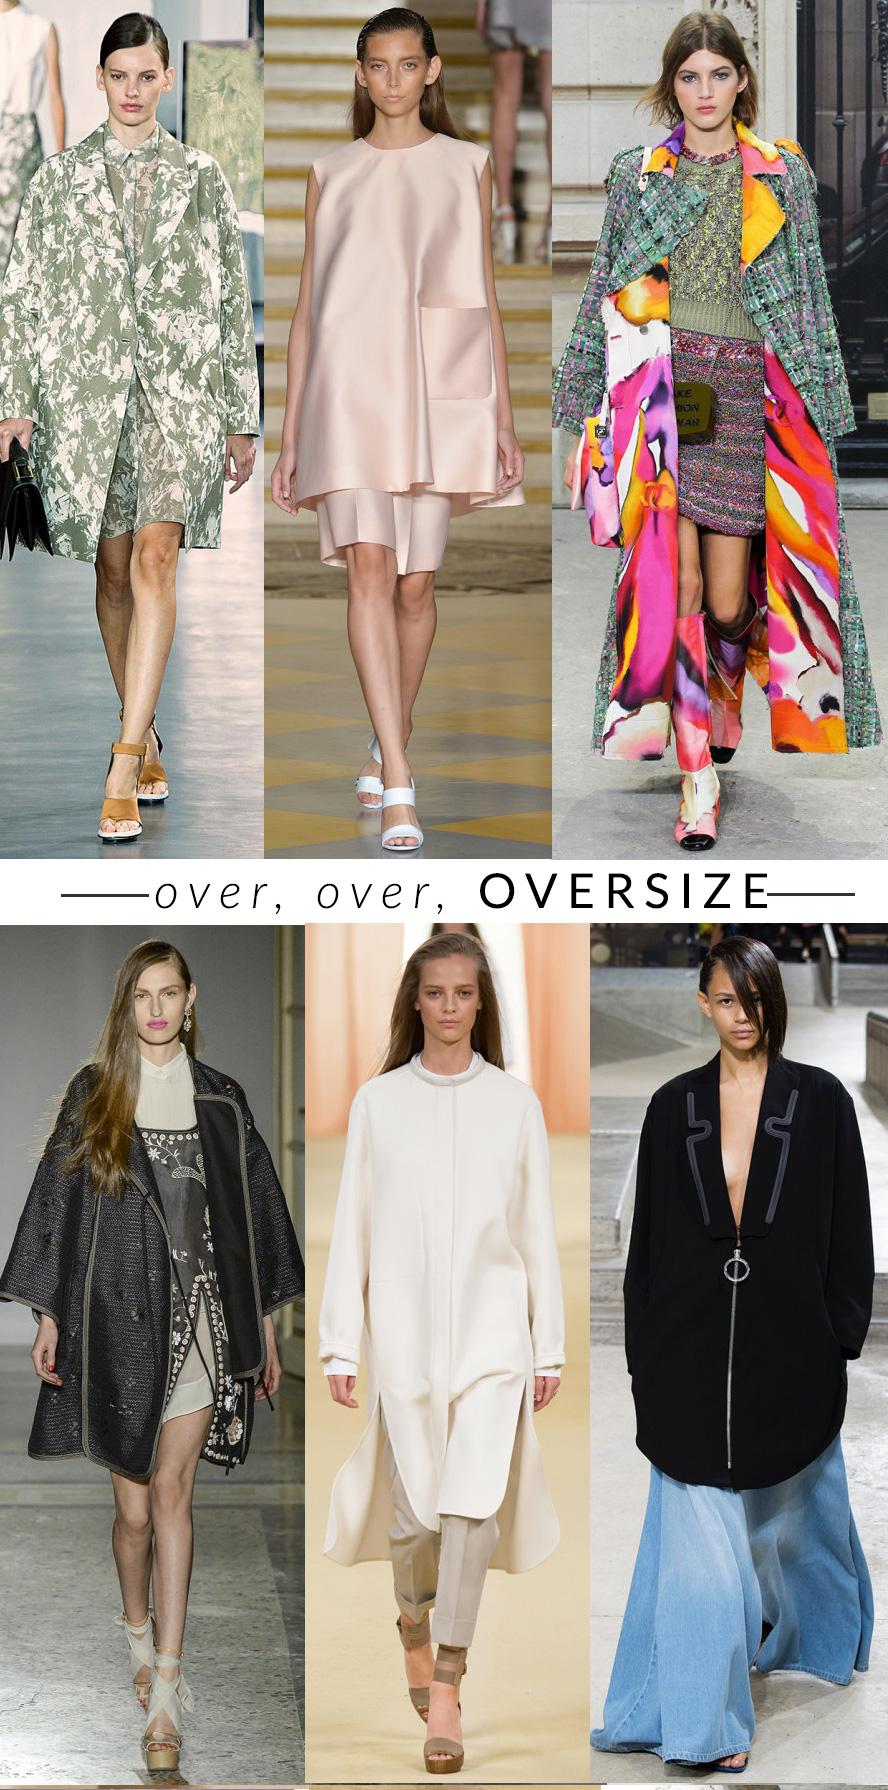 oversize trend moda primavera estate 2015 fashion blogger elena schiavon